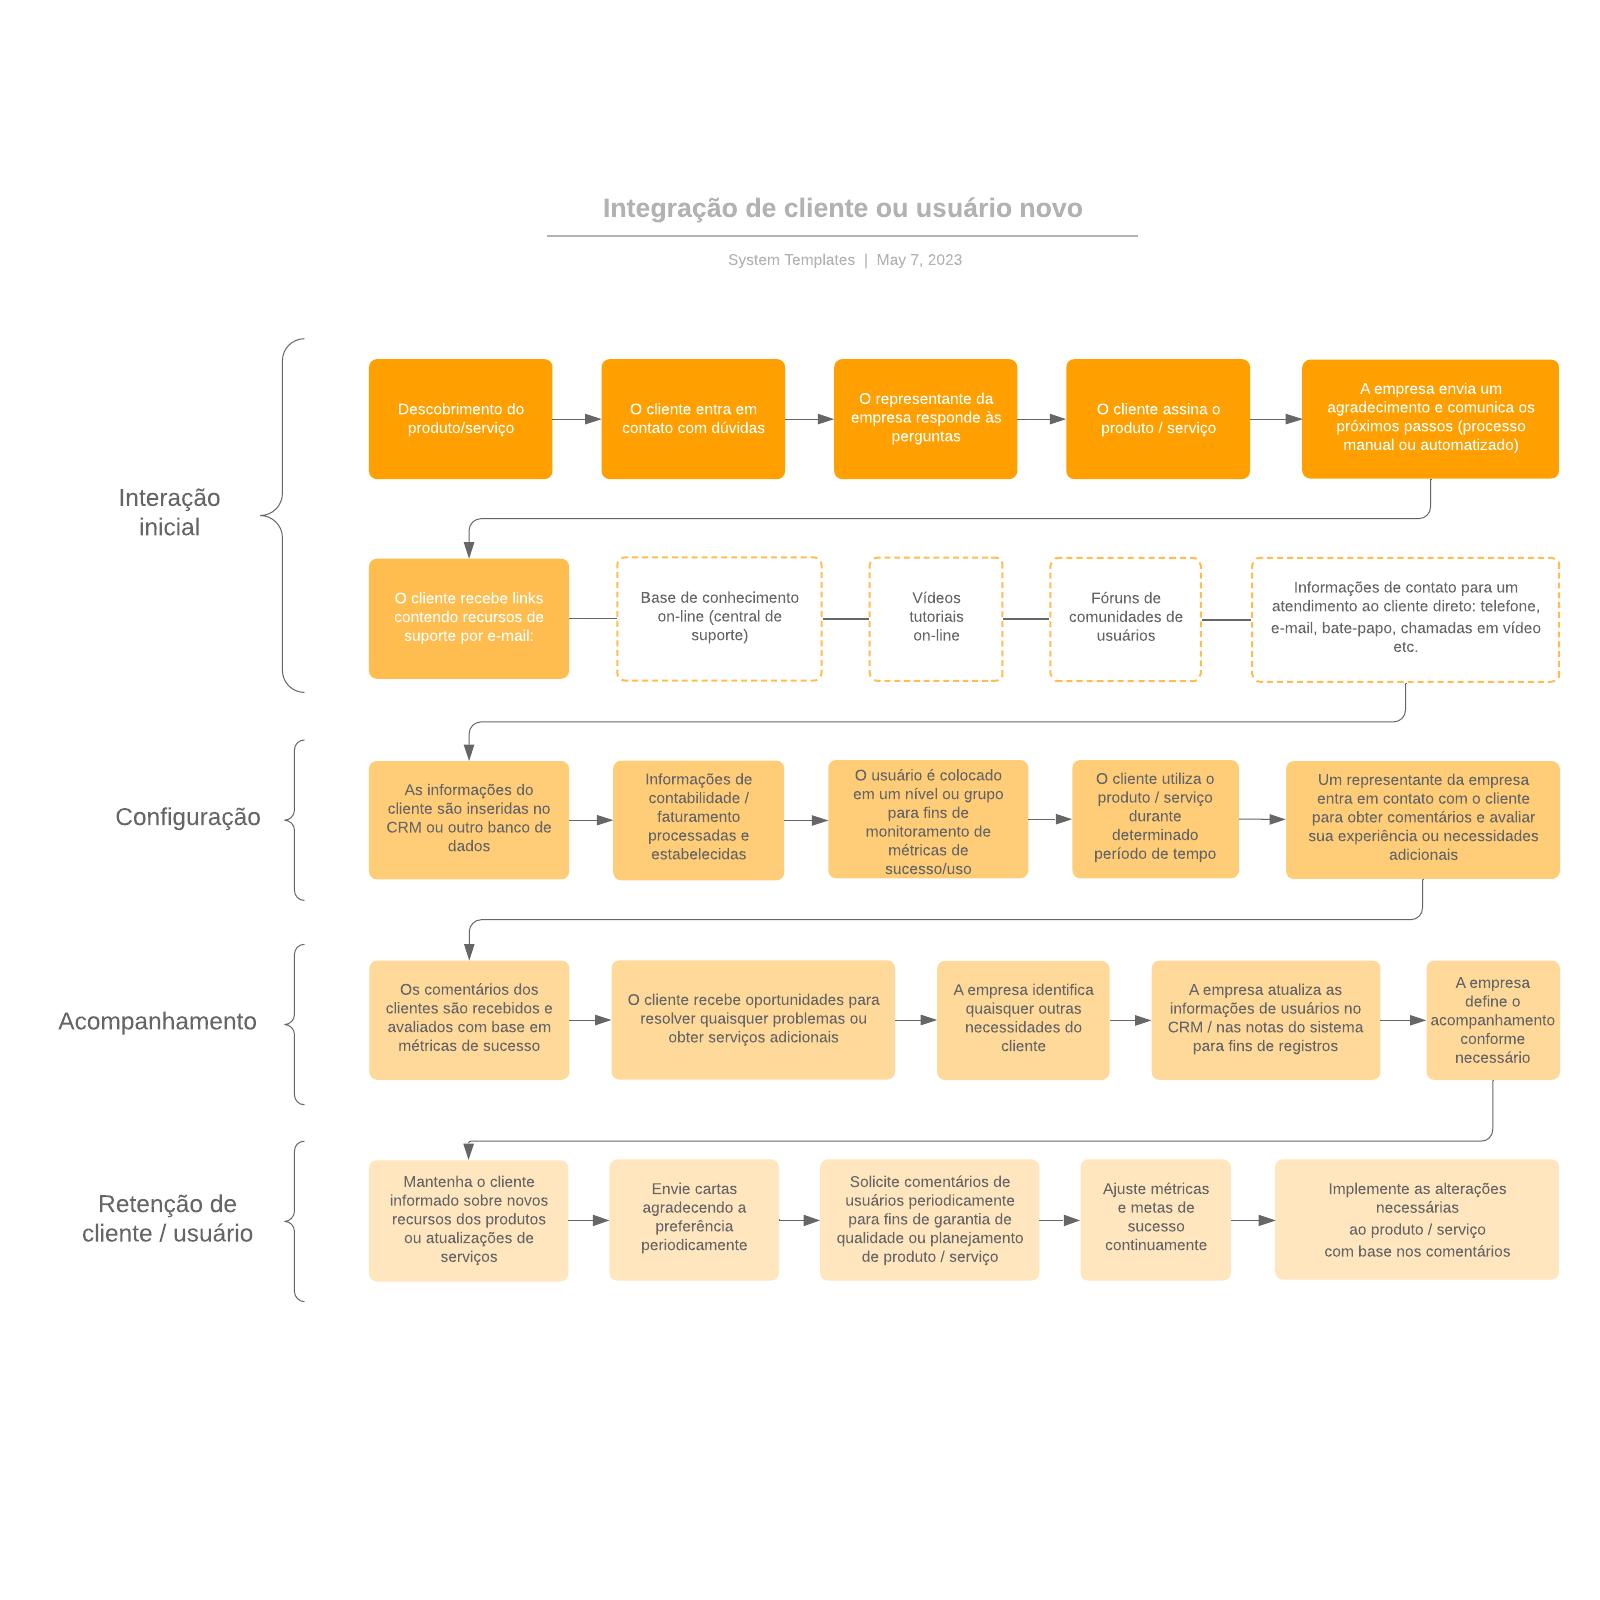 Integração de cliente ou usuário novo